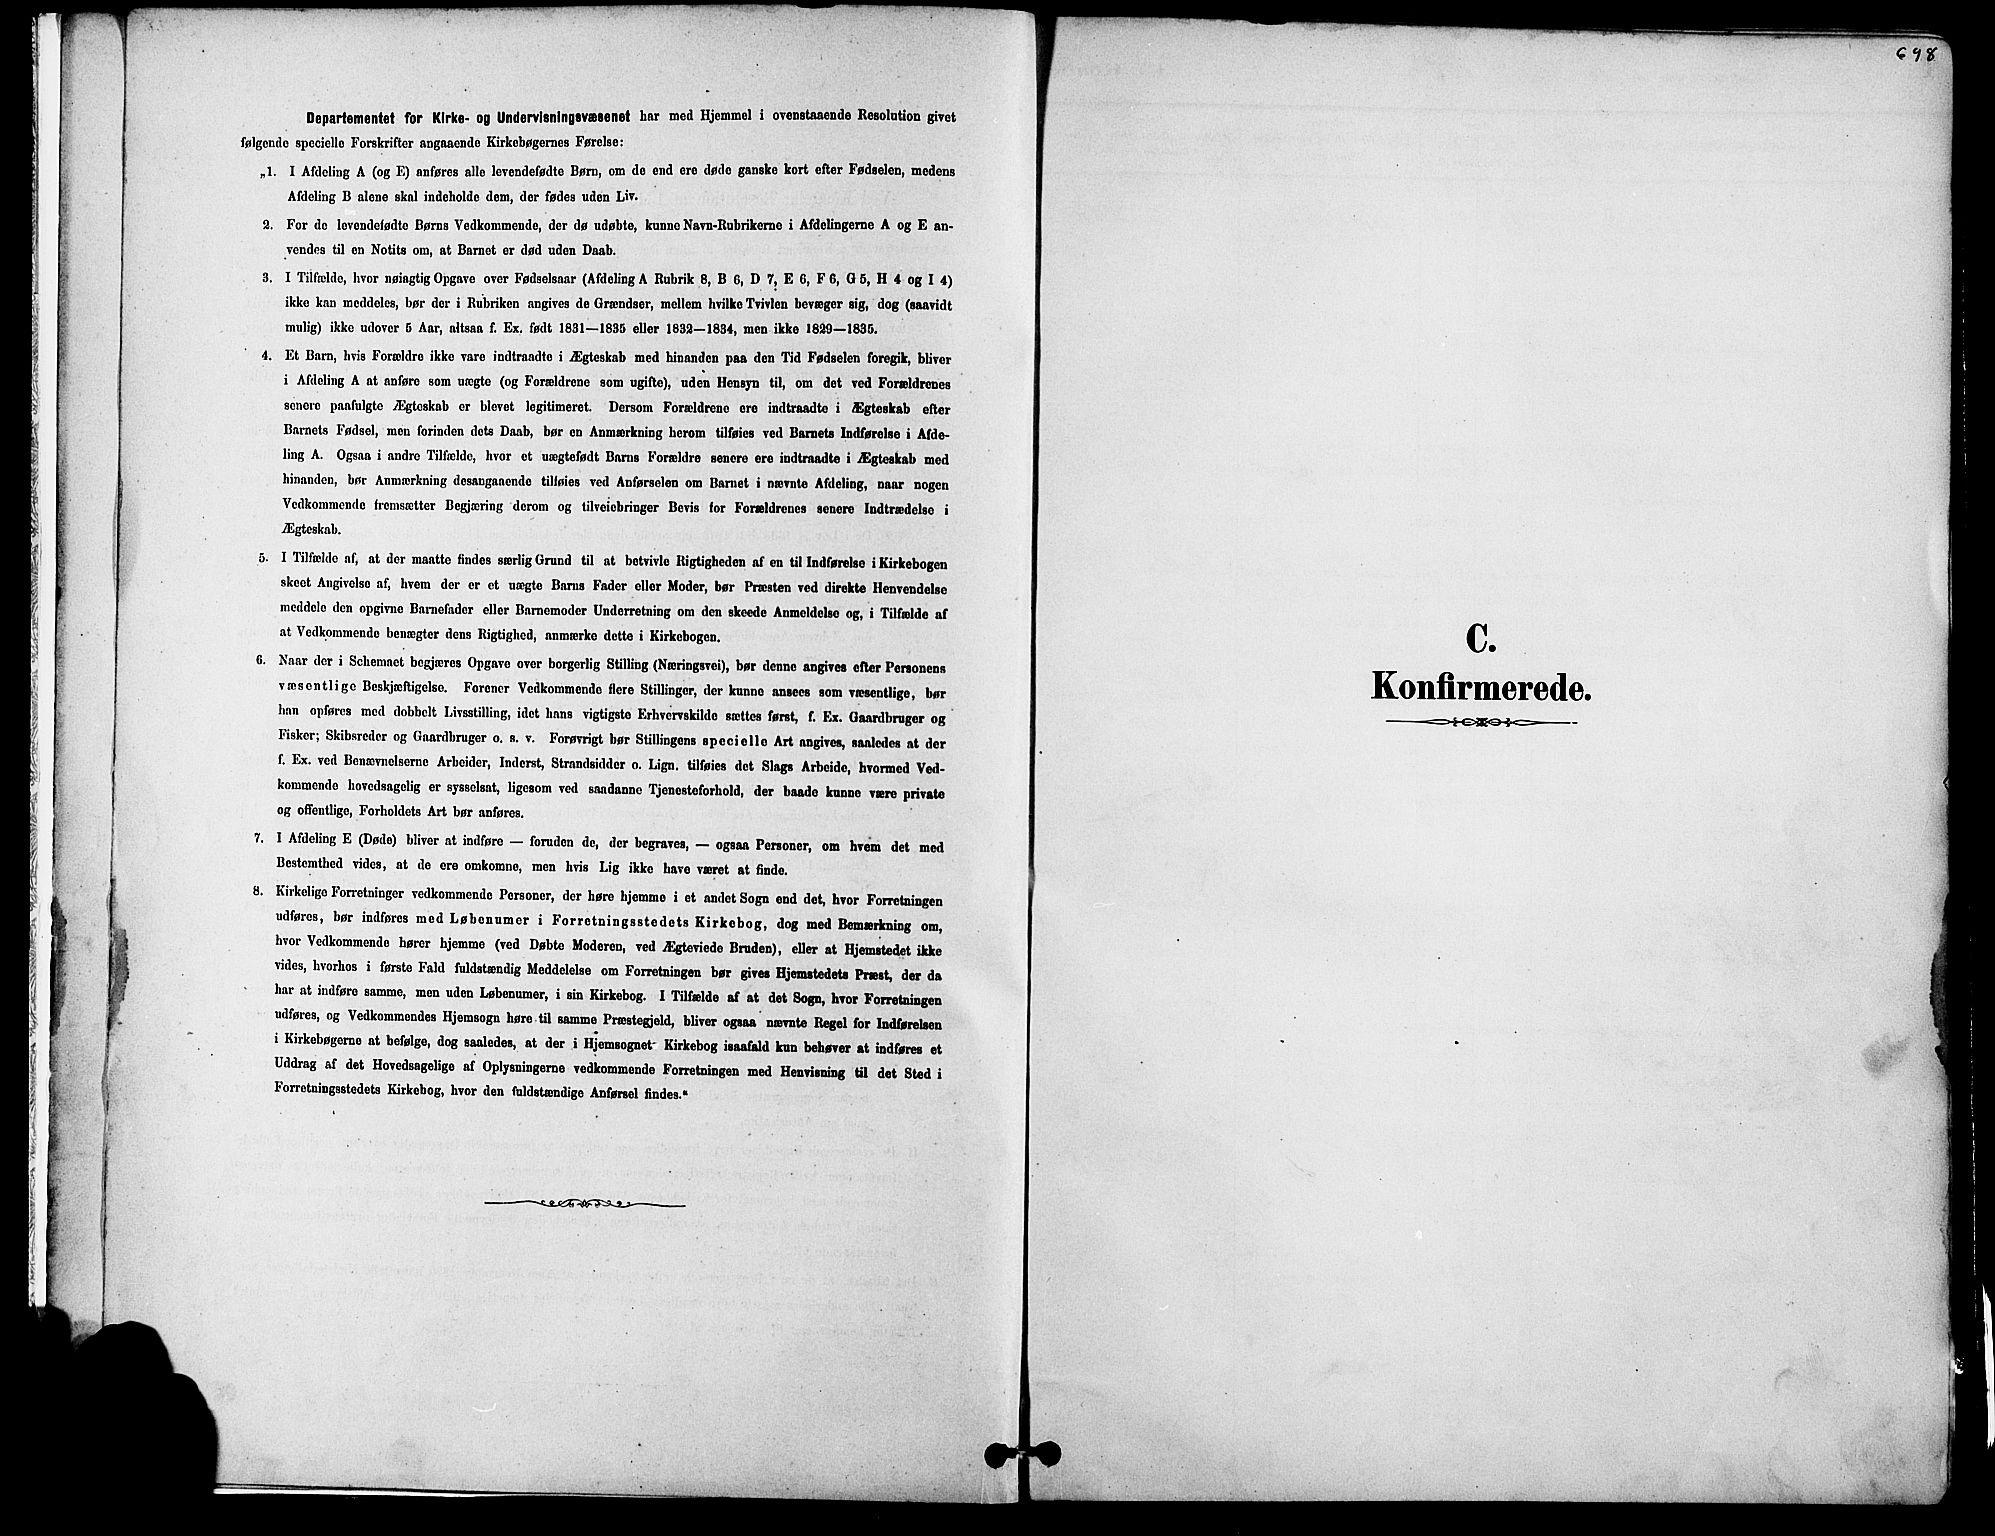 SAO, Gamle Aker prestekontor Kirkebøker, F/L0007: Ministerialbok nr. 7, 1882-1890